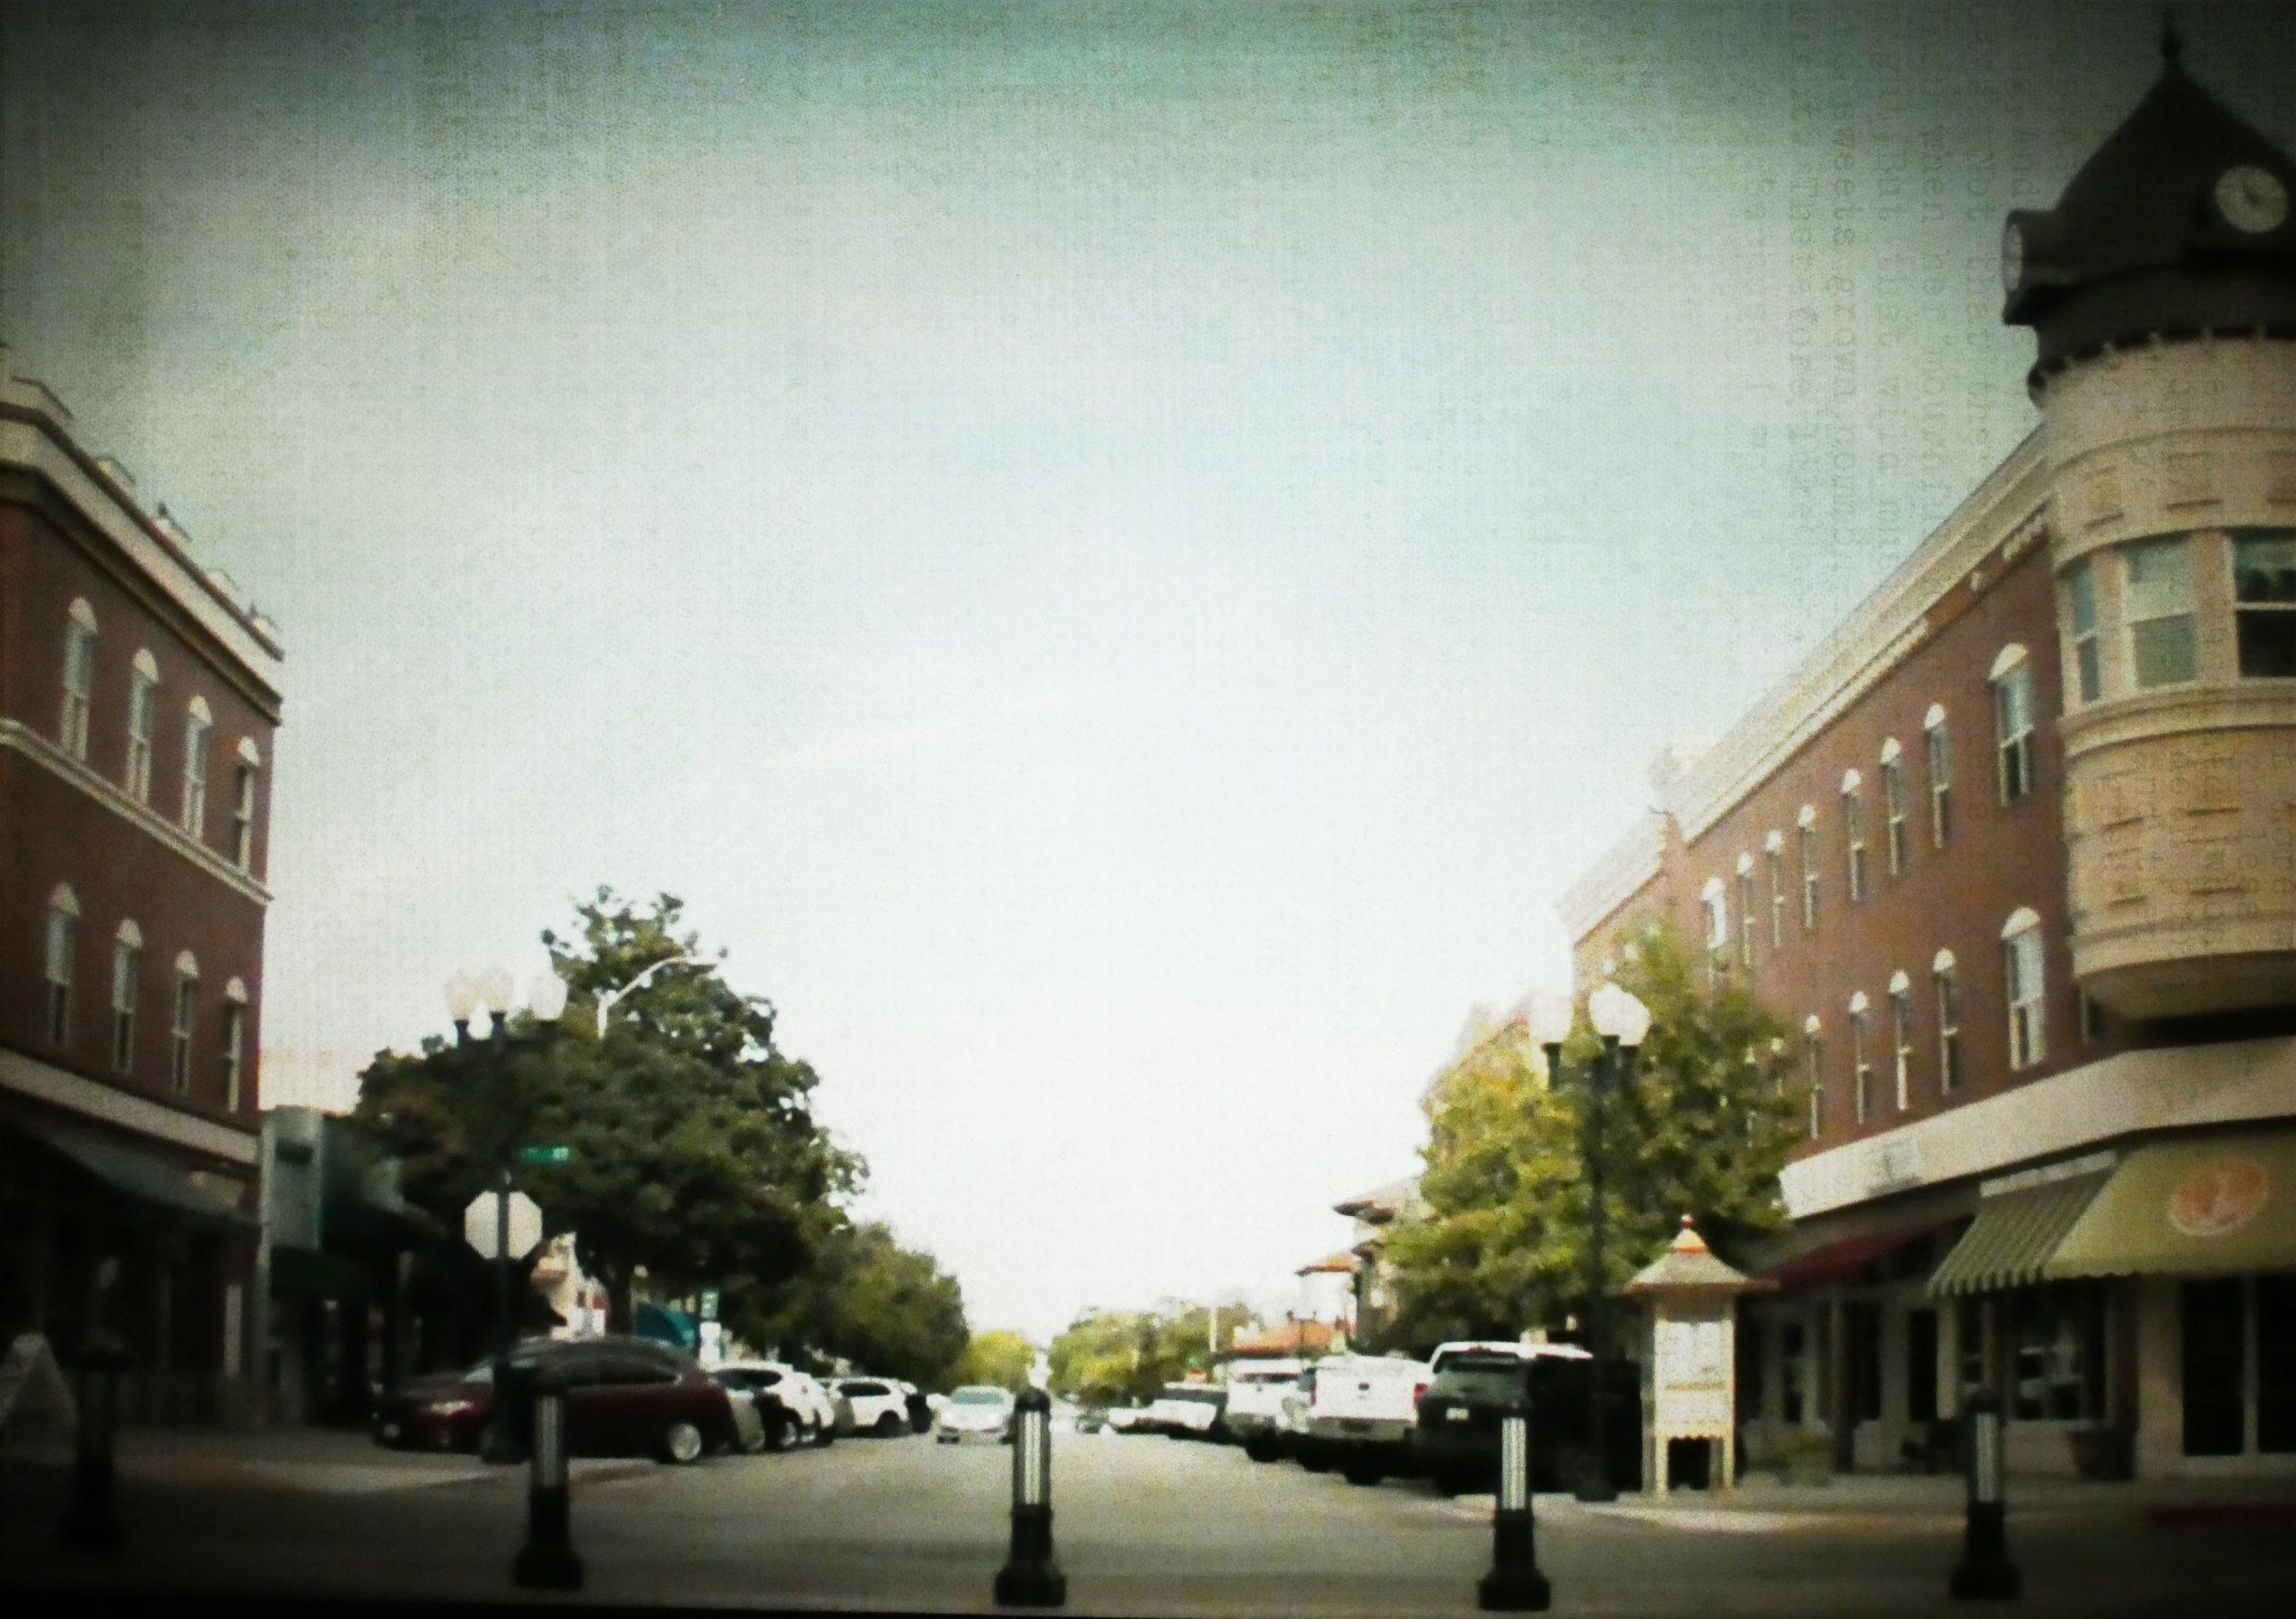 Struttin' Into Town